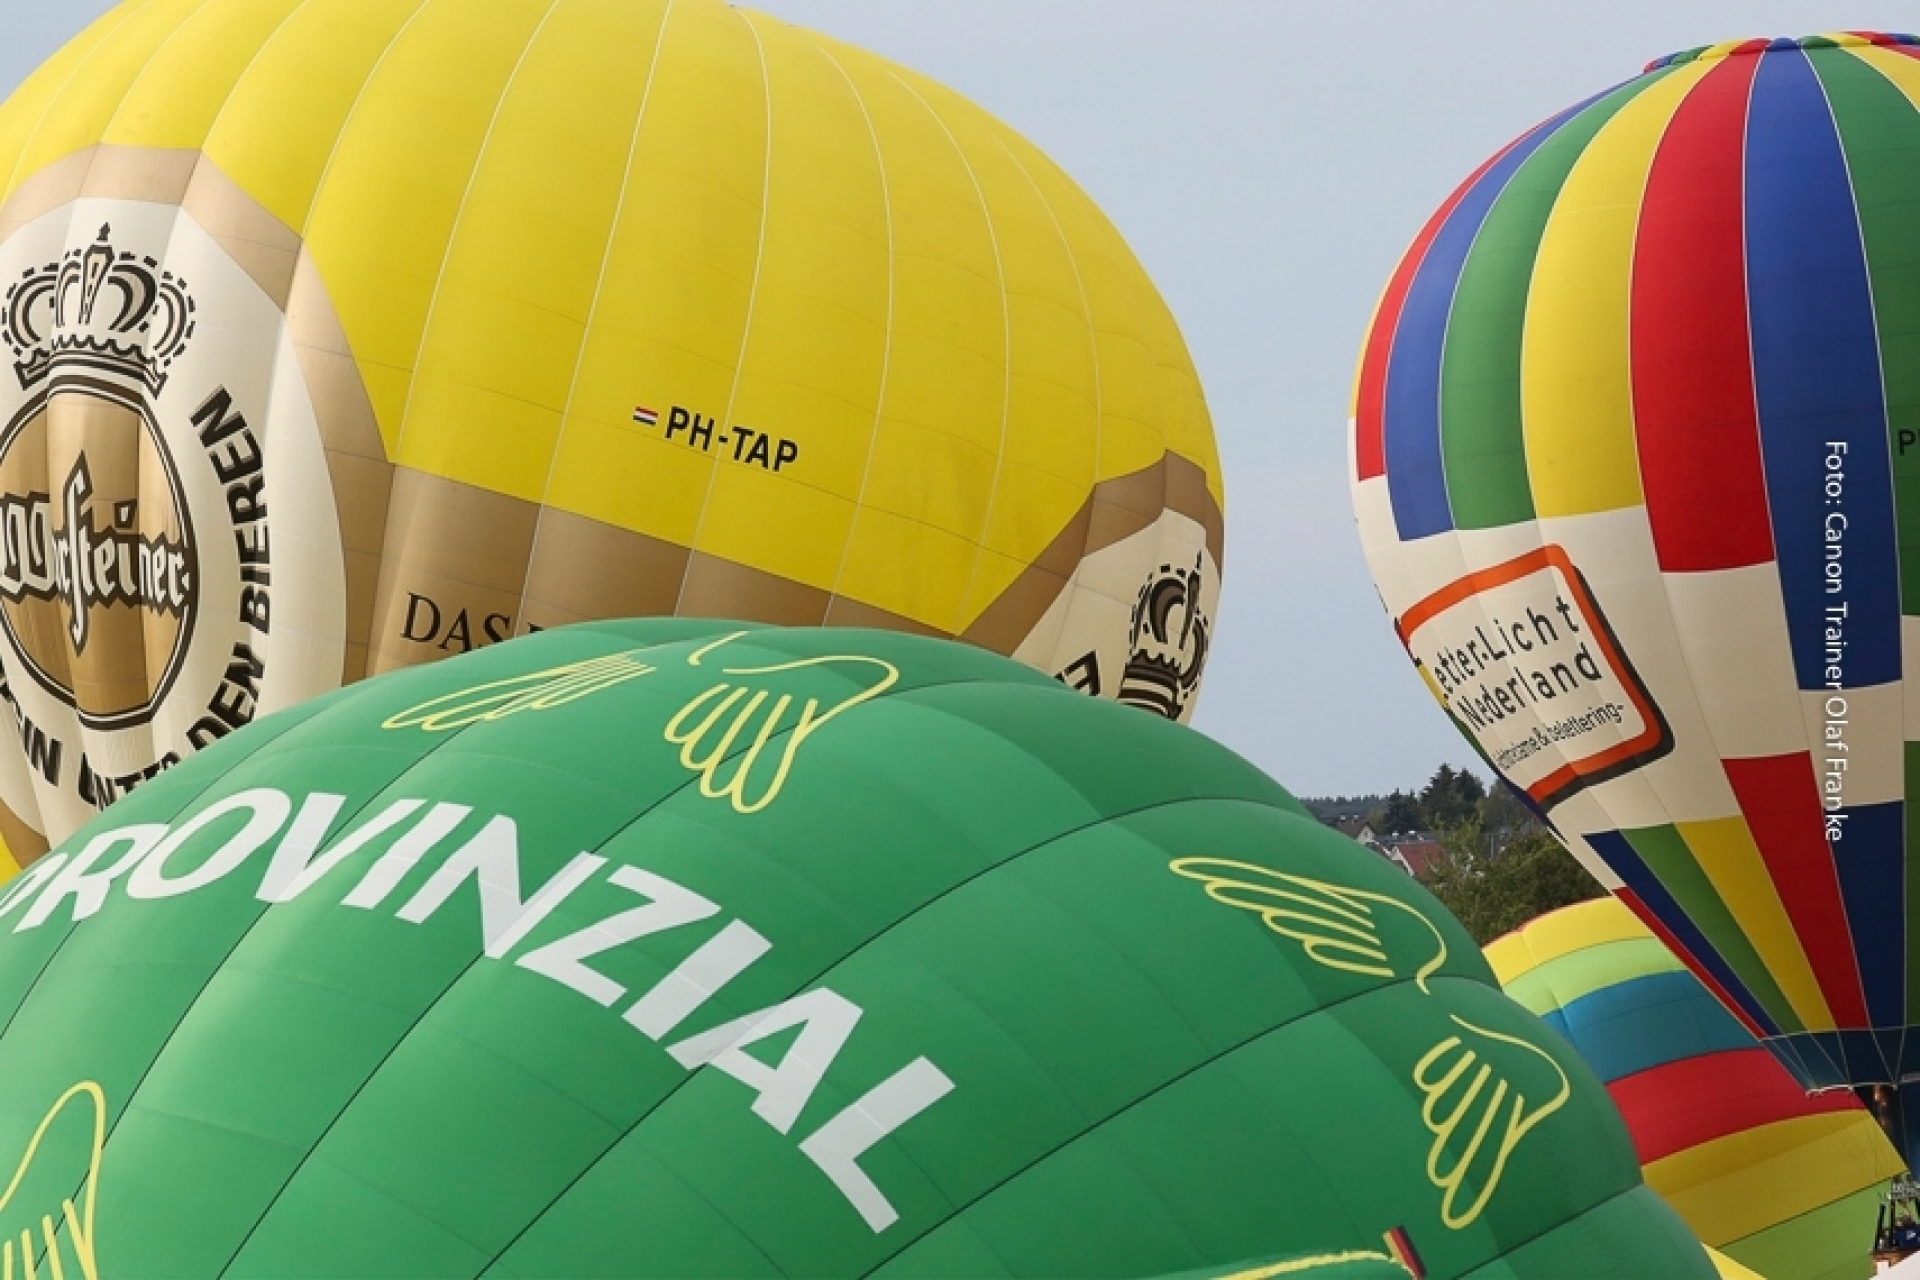 Fotokurs im Rahmen des int. Heißluftballonfestivals (Montgolfiade - WIM) in Warstein (Sauerland) - Canon Academy Spezialthemen